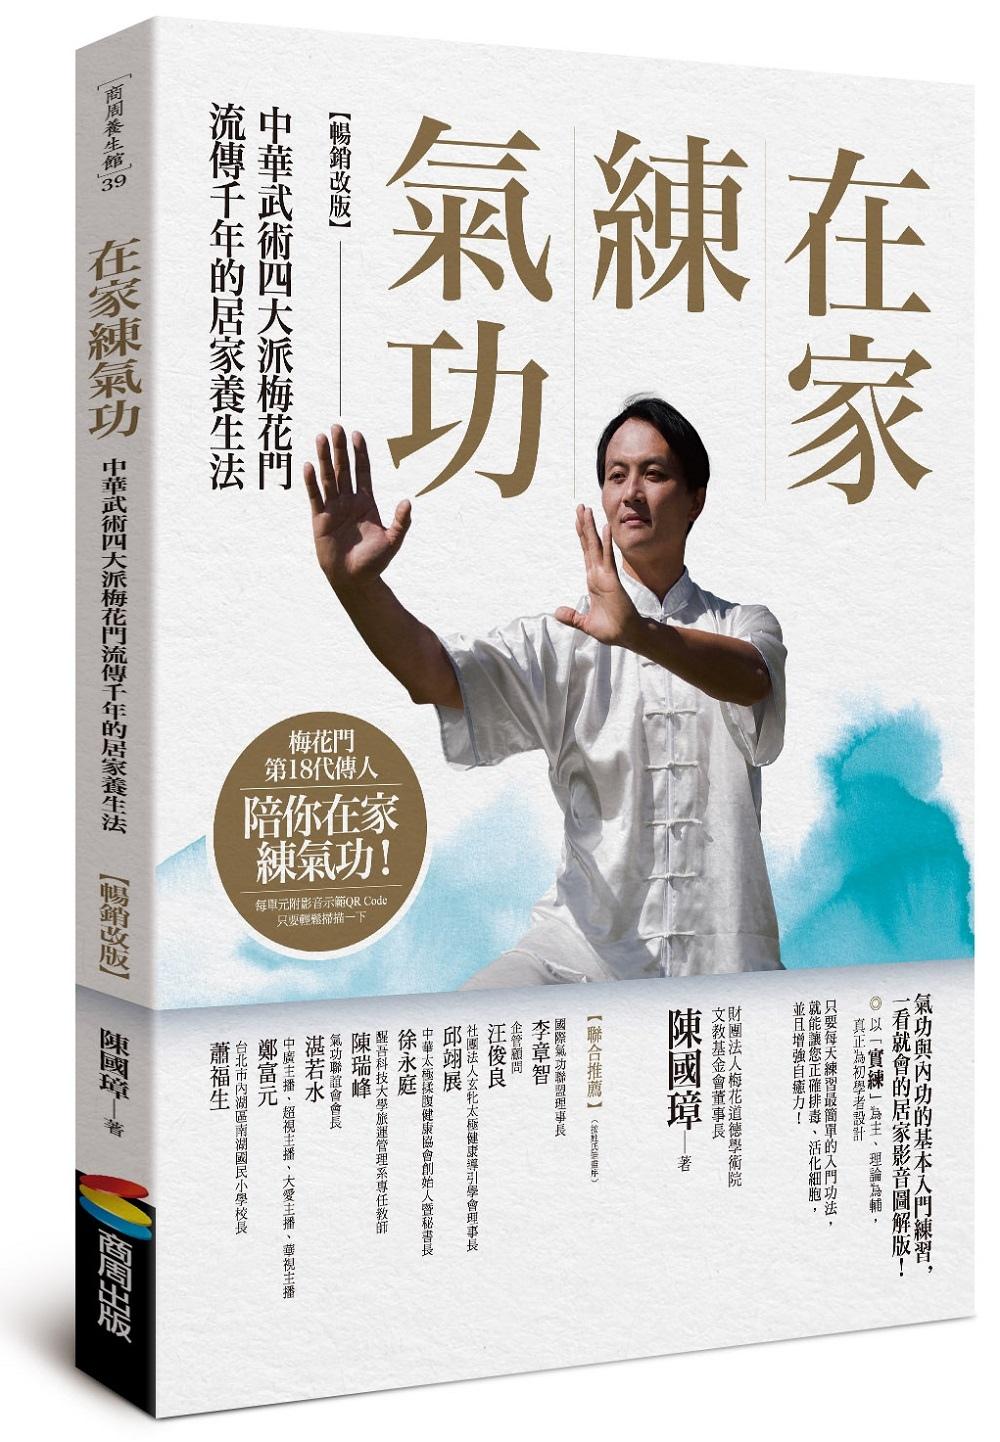 ◤博客來BOOKS◢ 暢銷書榜《推薦》在家練氣功 【暢銷改版】:中華武術四大派梅花門流傳千年的居家養生法